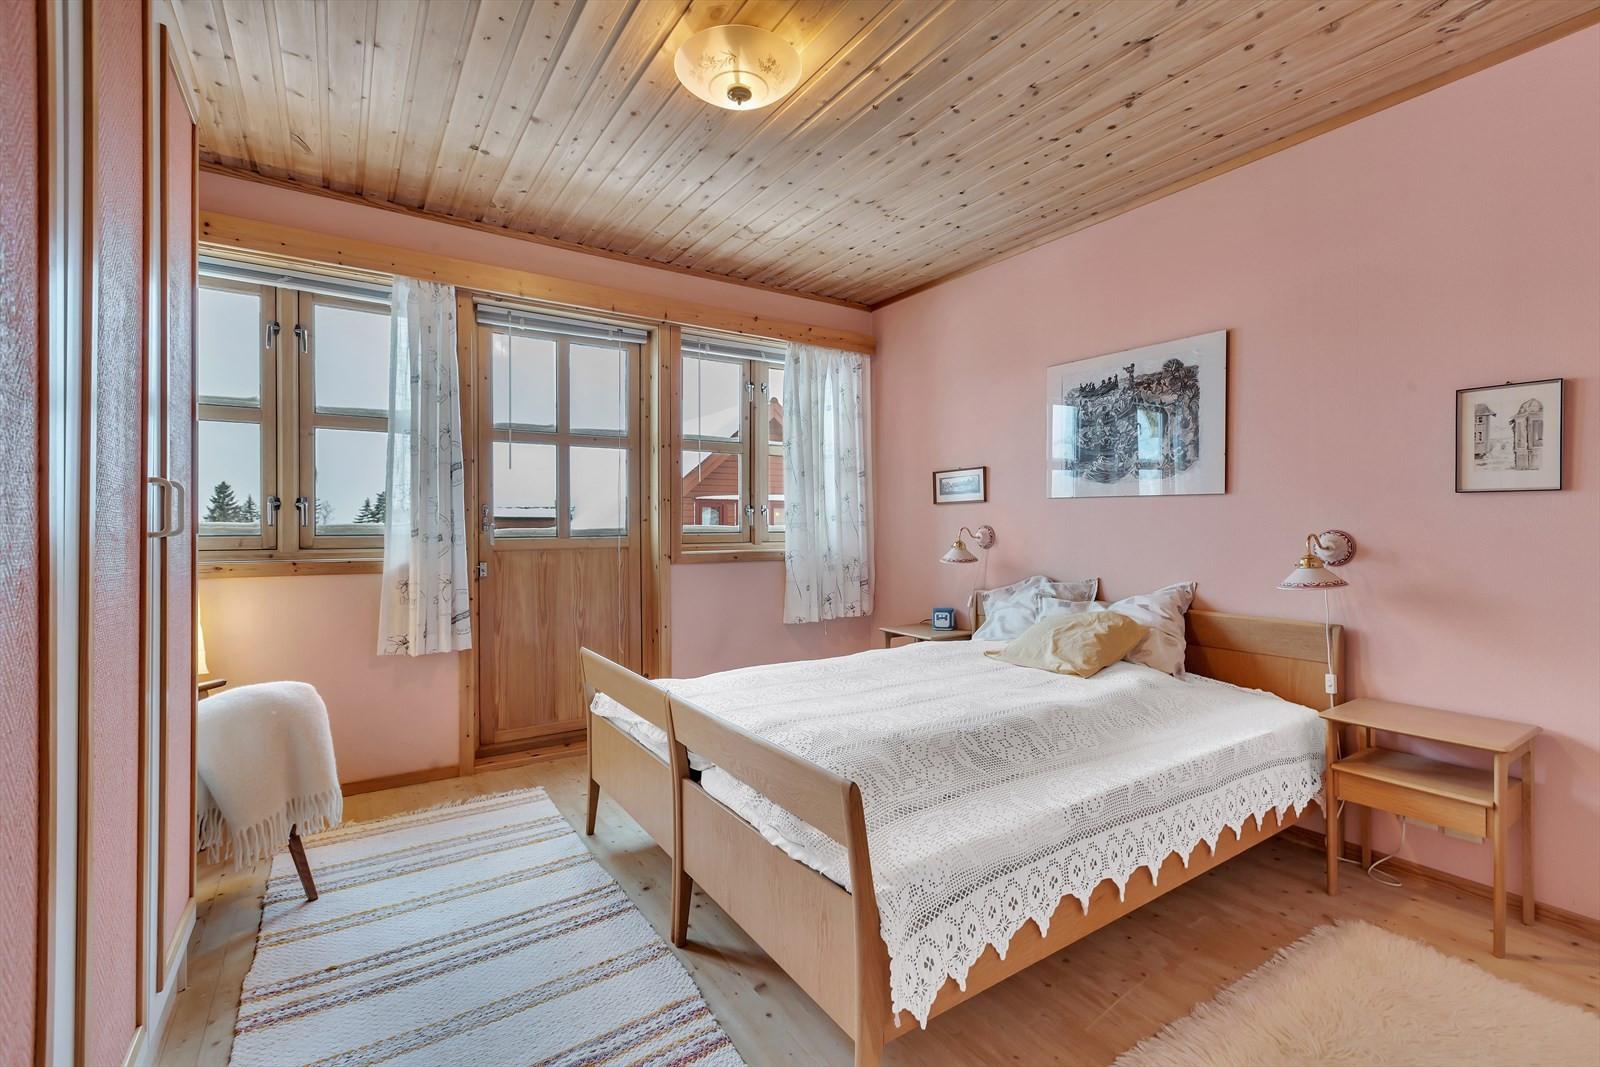 Soverom 3 på loftet - med utgang til balkong mot sør